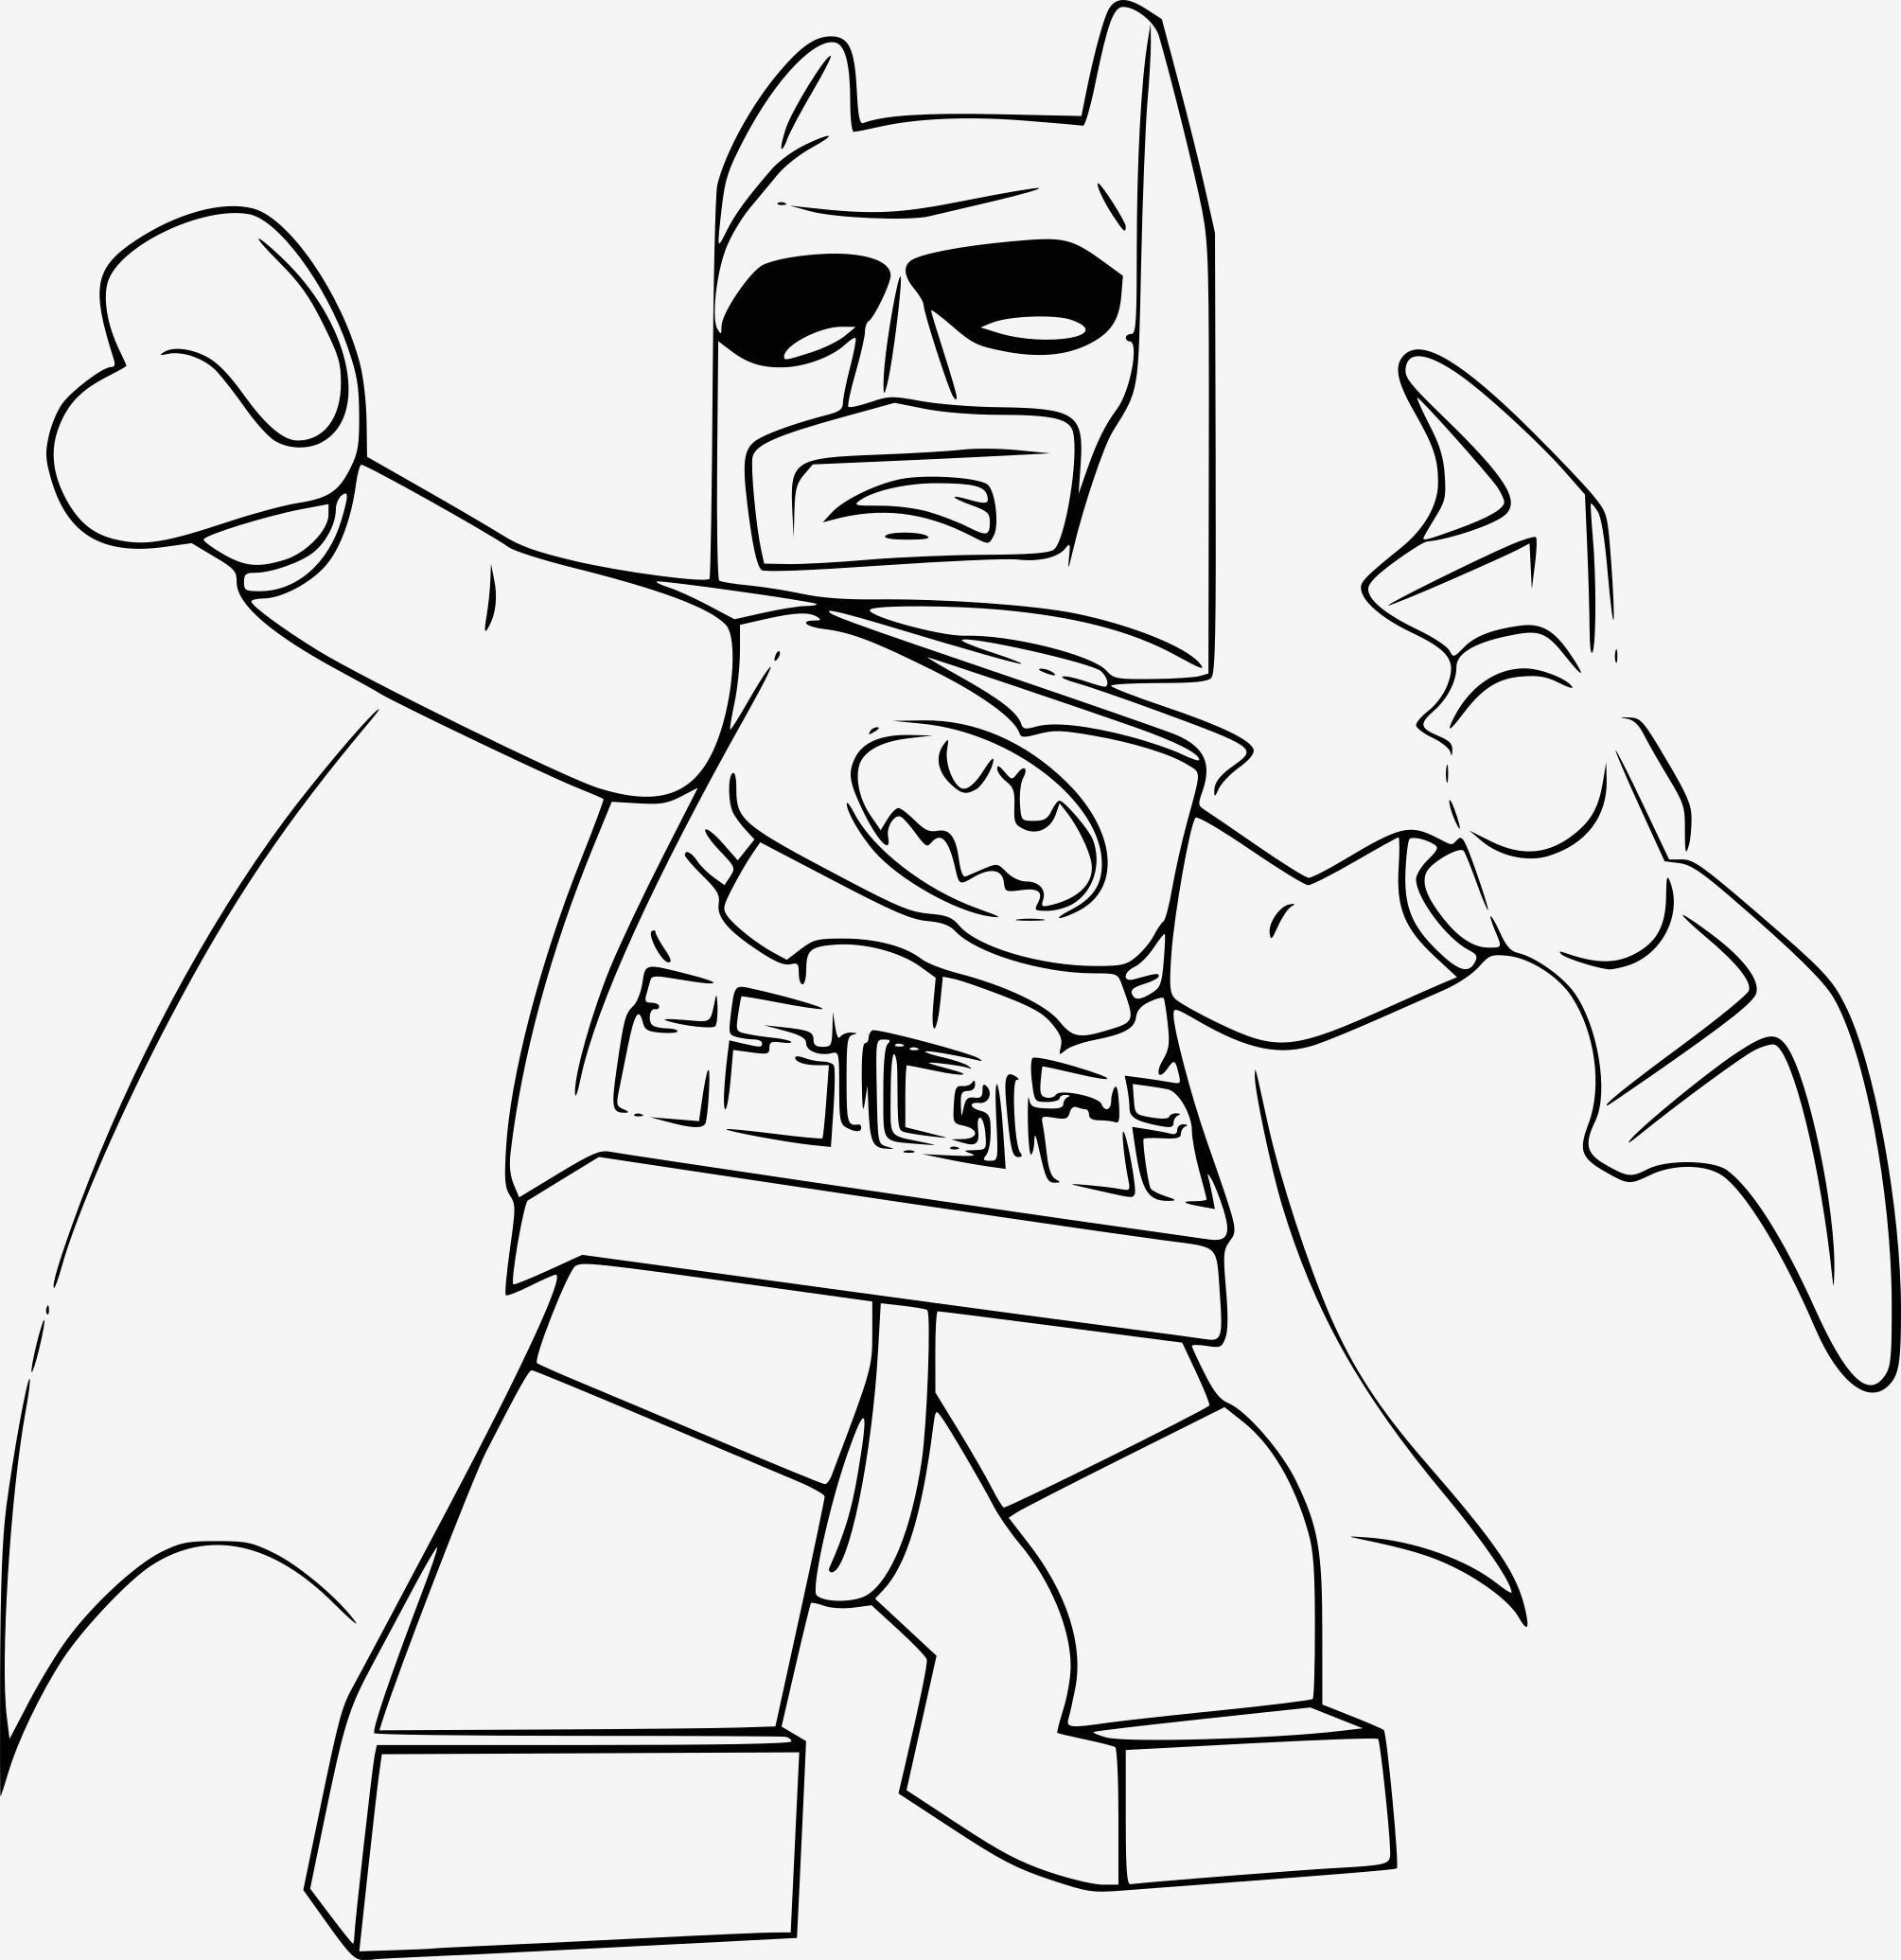 Ausmalbilder Batman Das Beste Von League Legends Malvorlagen Idees Fluch 33 Unique Gta 5 Galerie